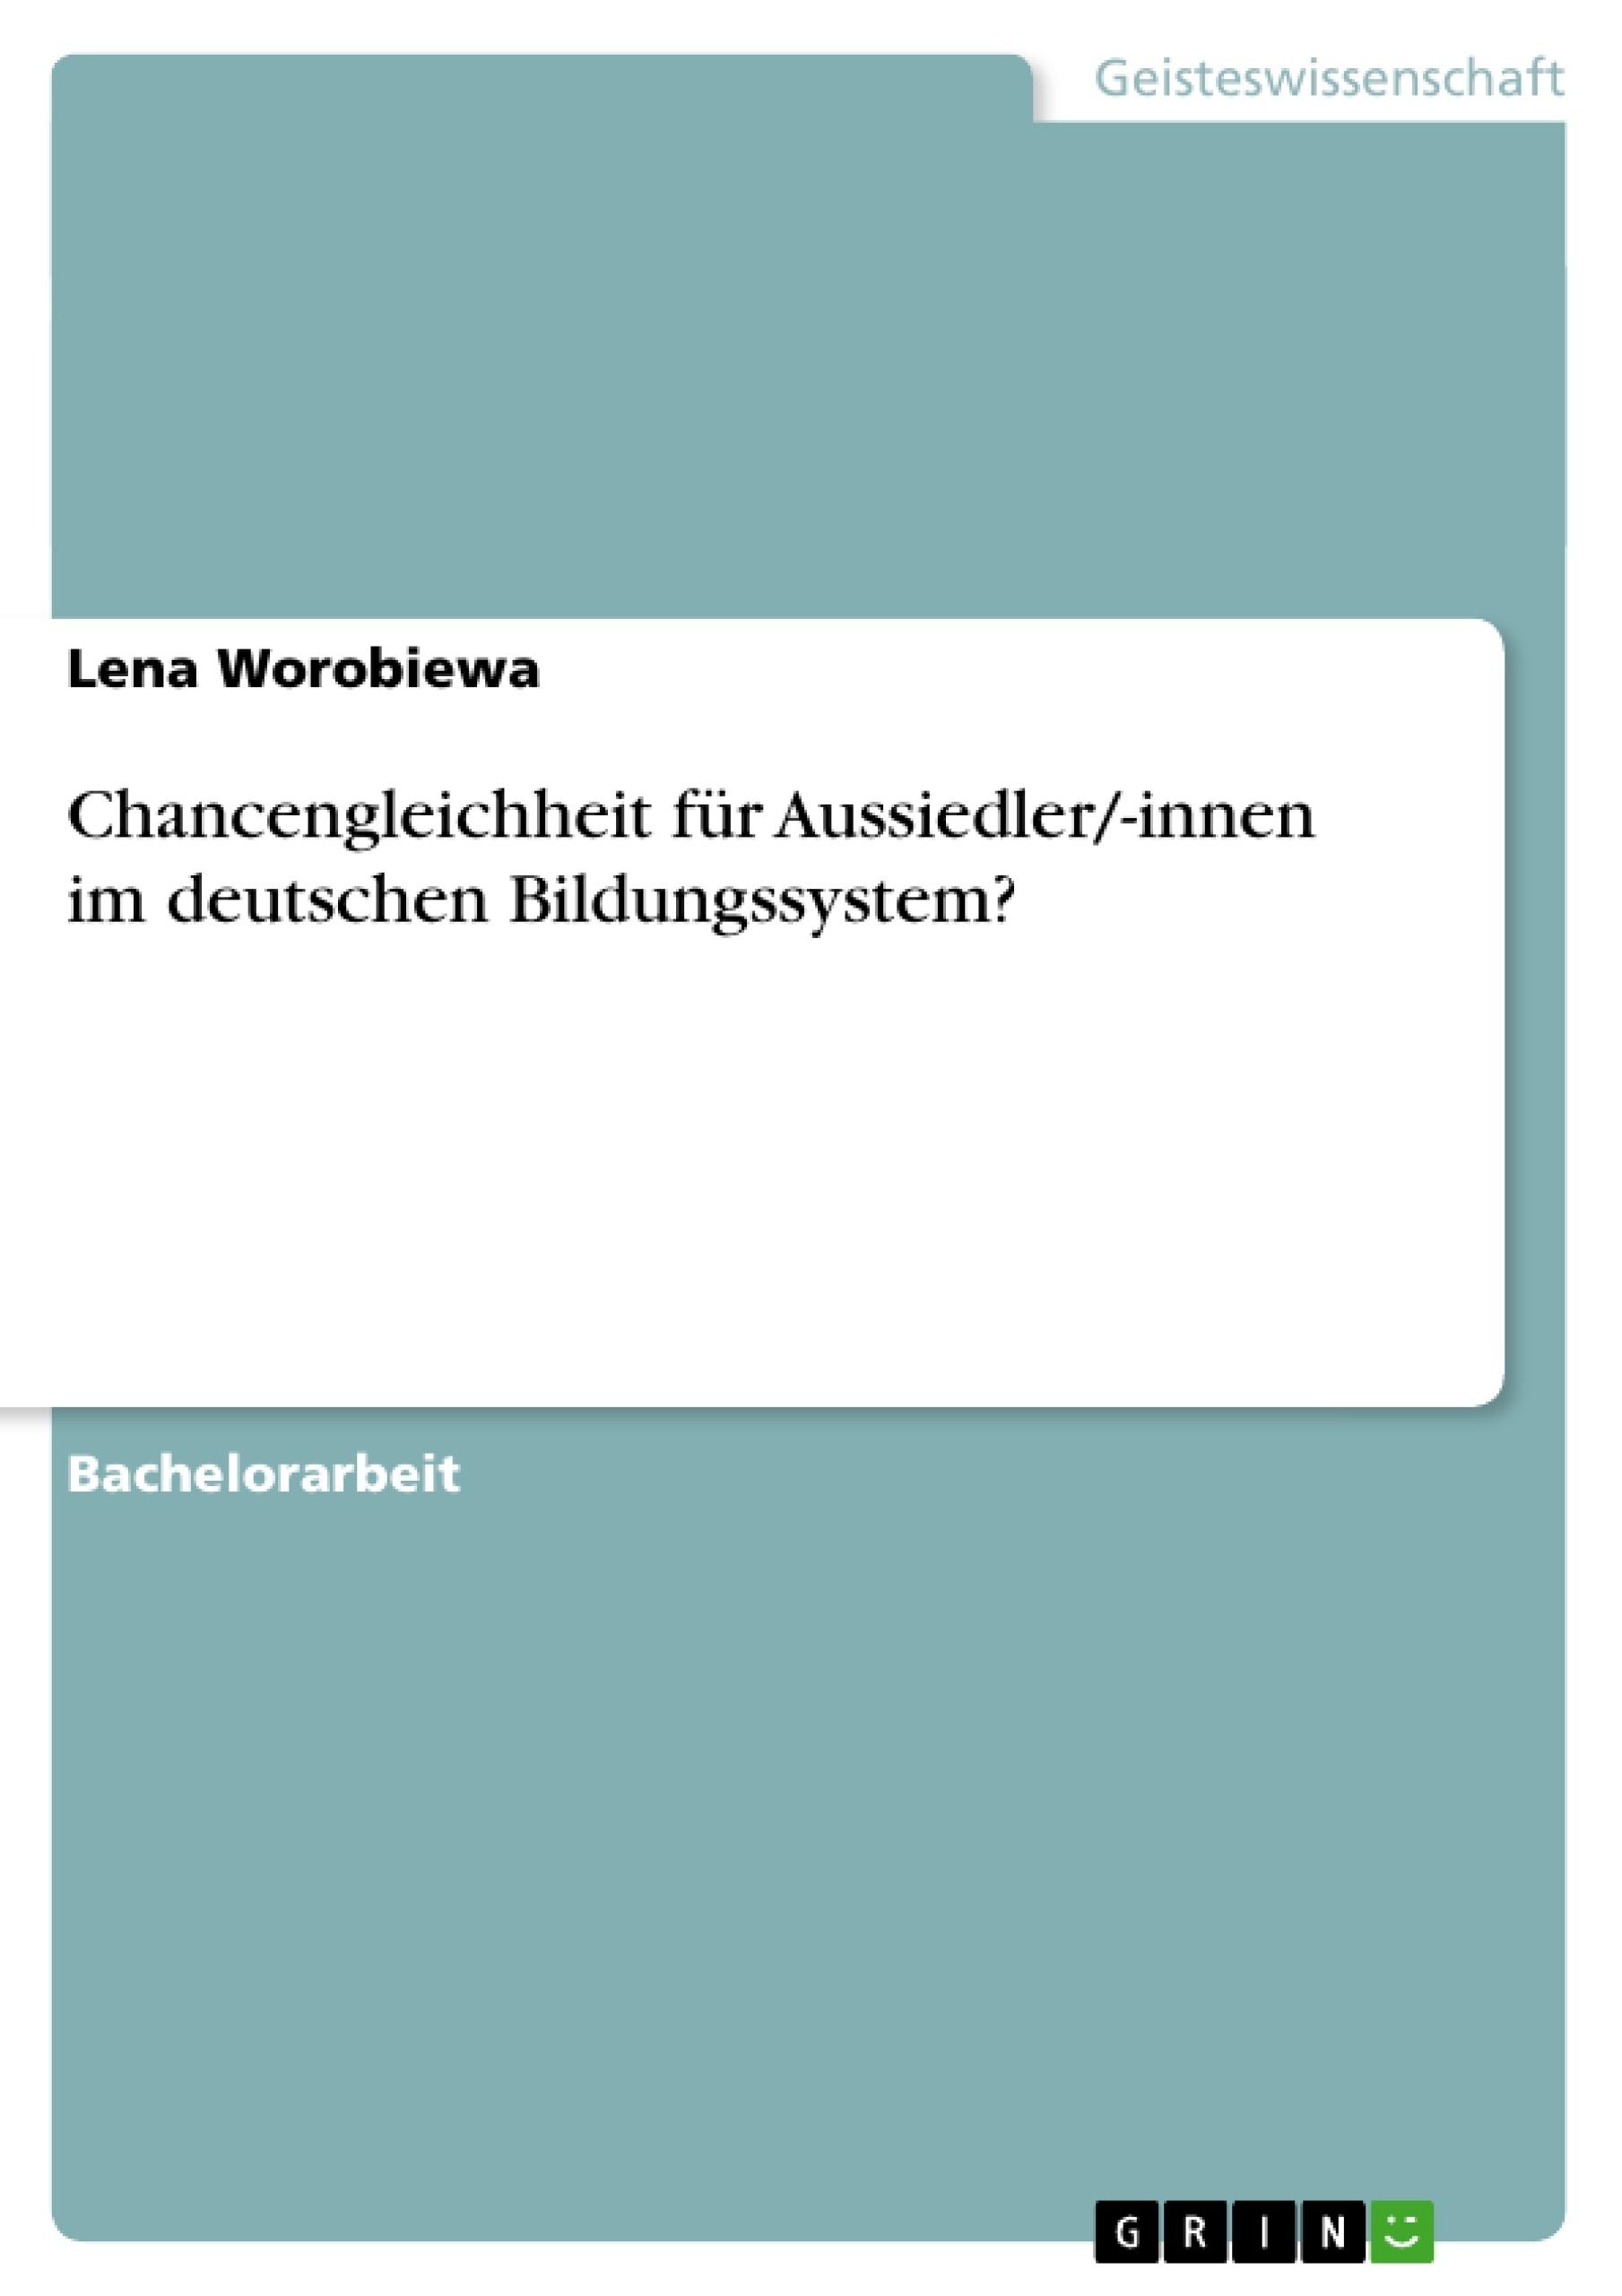 Titel: Chancengleichheit für Aussiedler/-innen im deutschen Bildungssystem?